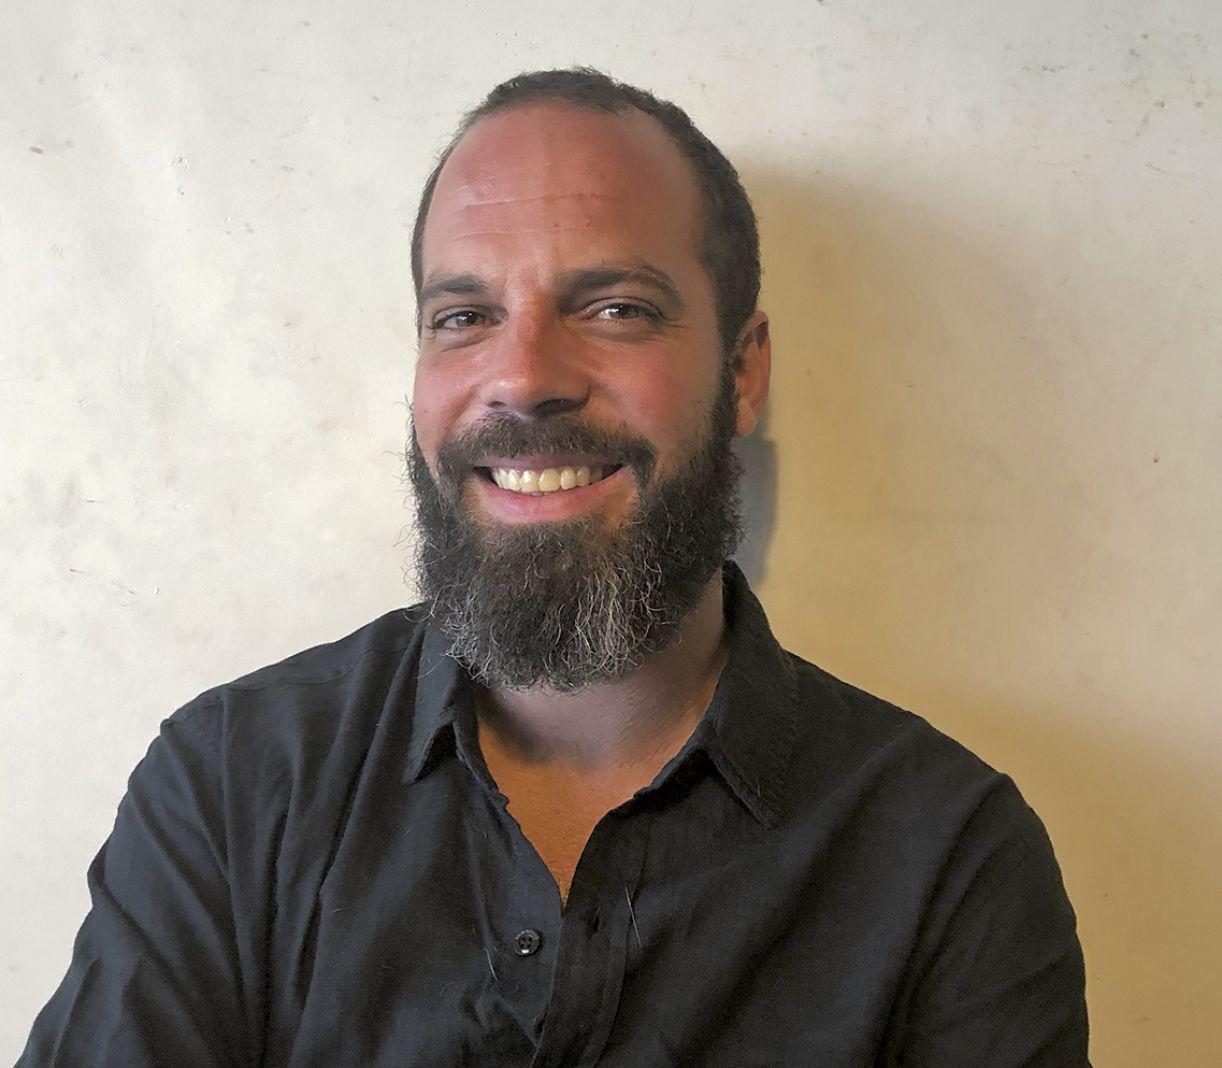 Marcelo Reis de Mello é poeta curitibano radicado no Rio de Janeiro